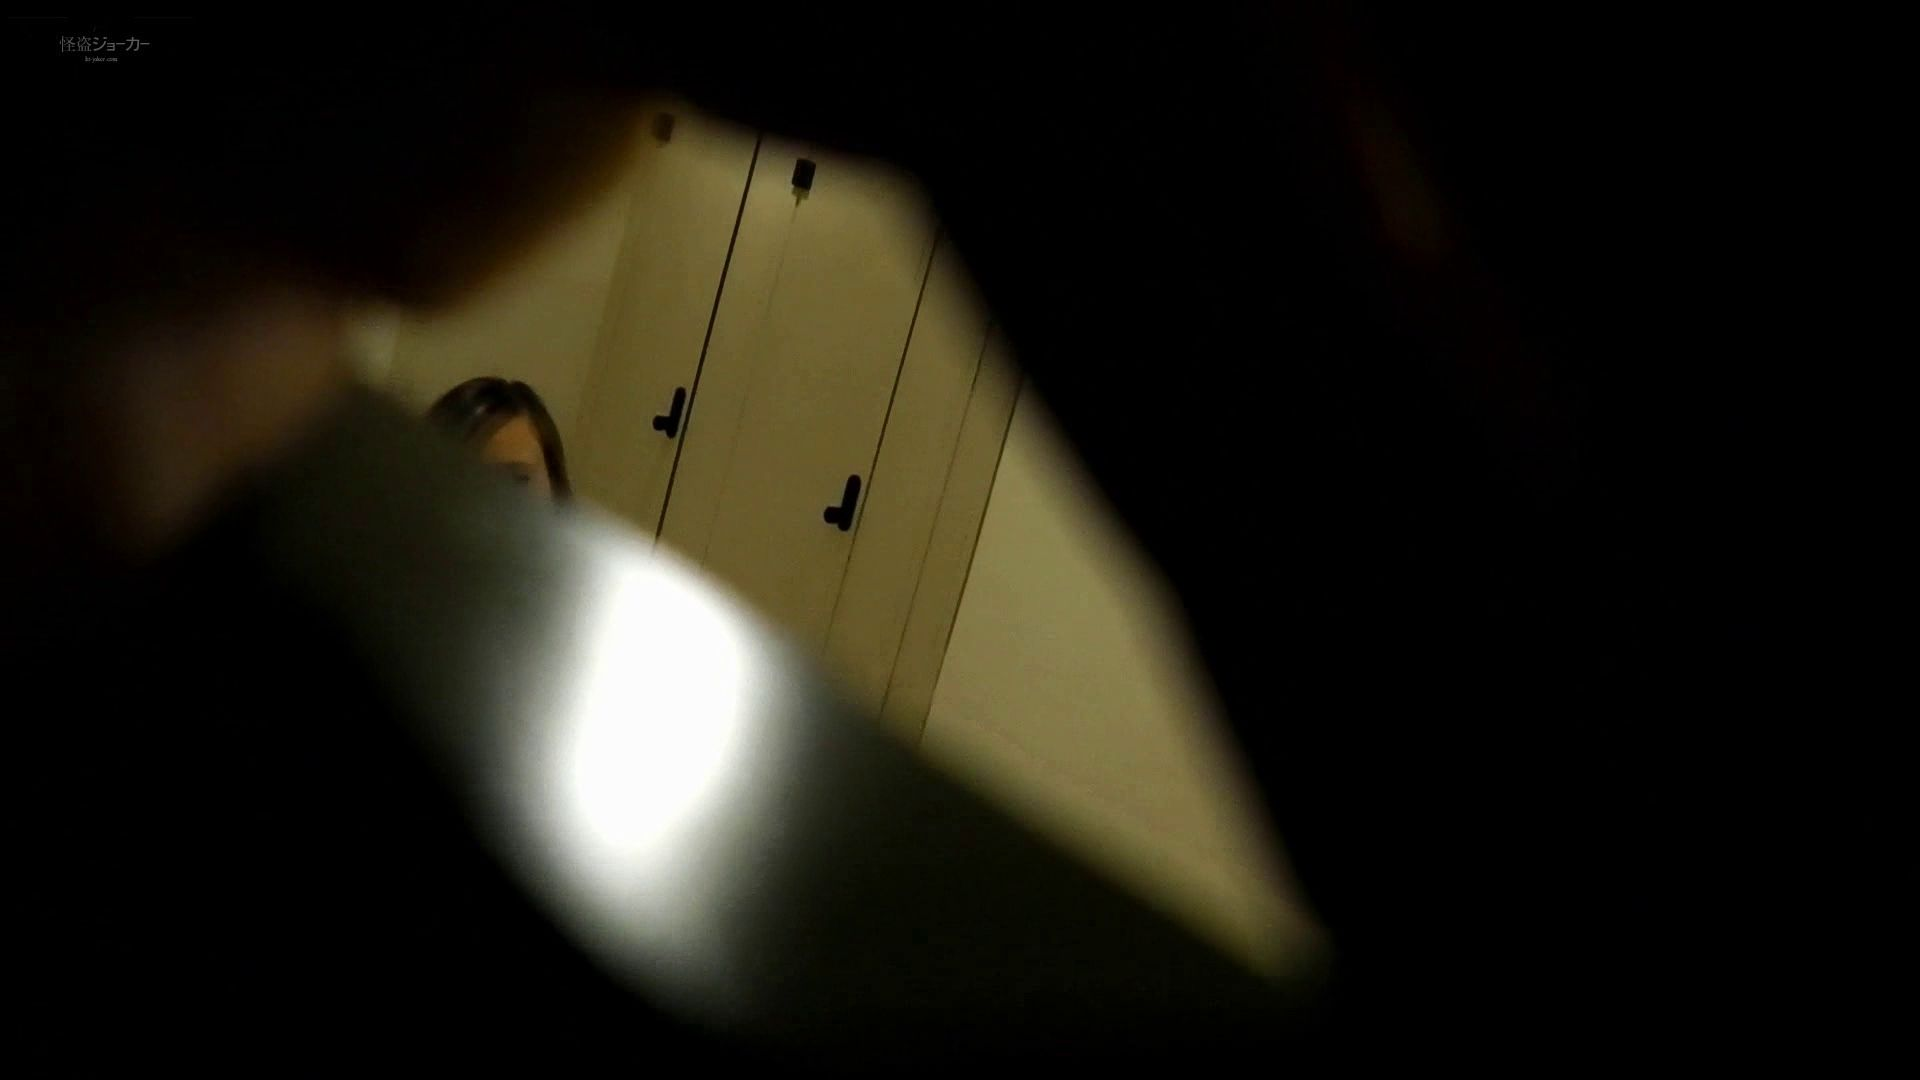 新世界の射窓 No64日本ギャル登場か?ハイヒール大特集! お姉さん攻略 セックス画像 86画像 34